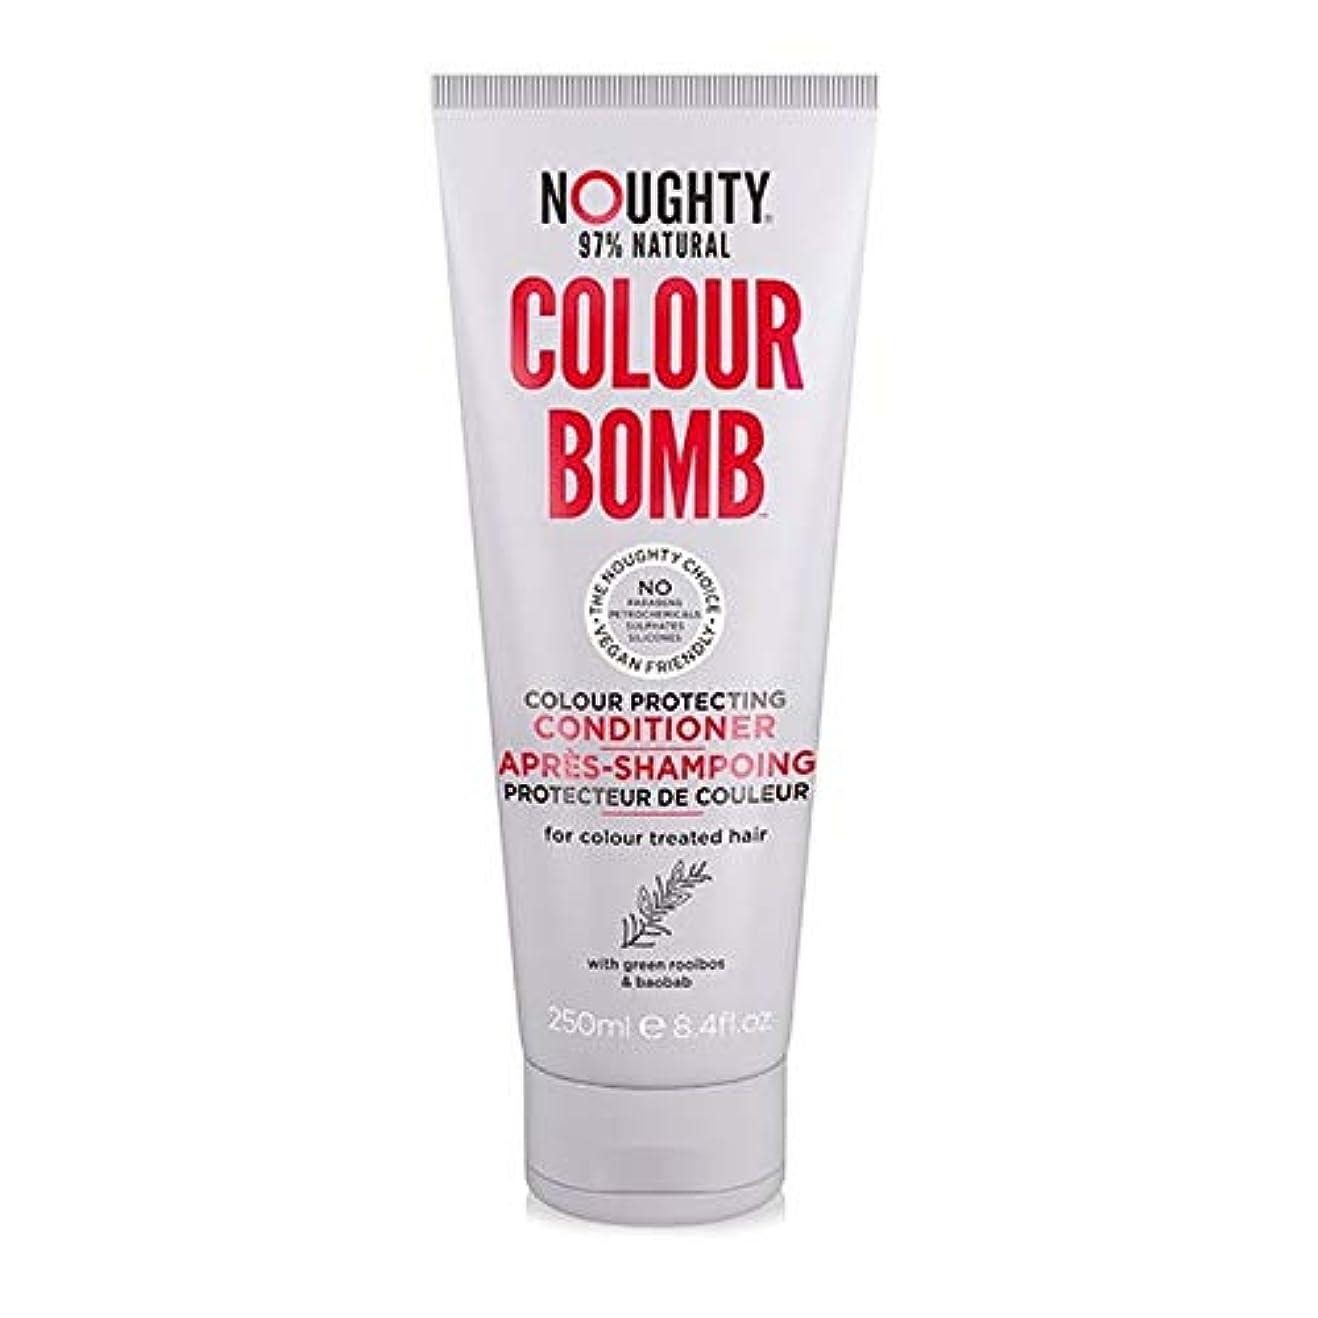 重々しい直接買い手[Noughty] コンディショナー250Mlを保護Noughtyカラー爆弾の色 - Noughty Colour Bomb Colour Protecting Conditioner 250ml [並行輸入品]